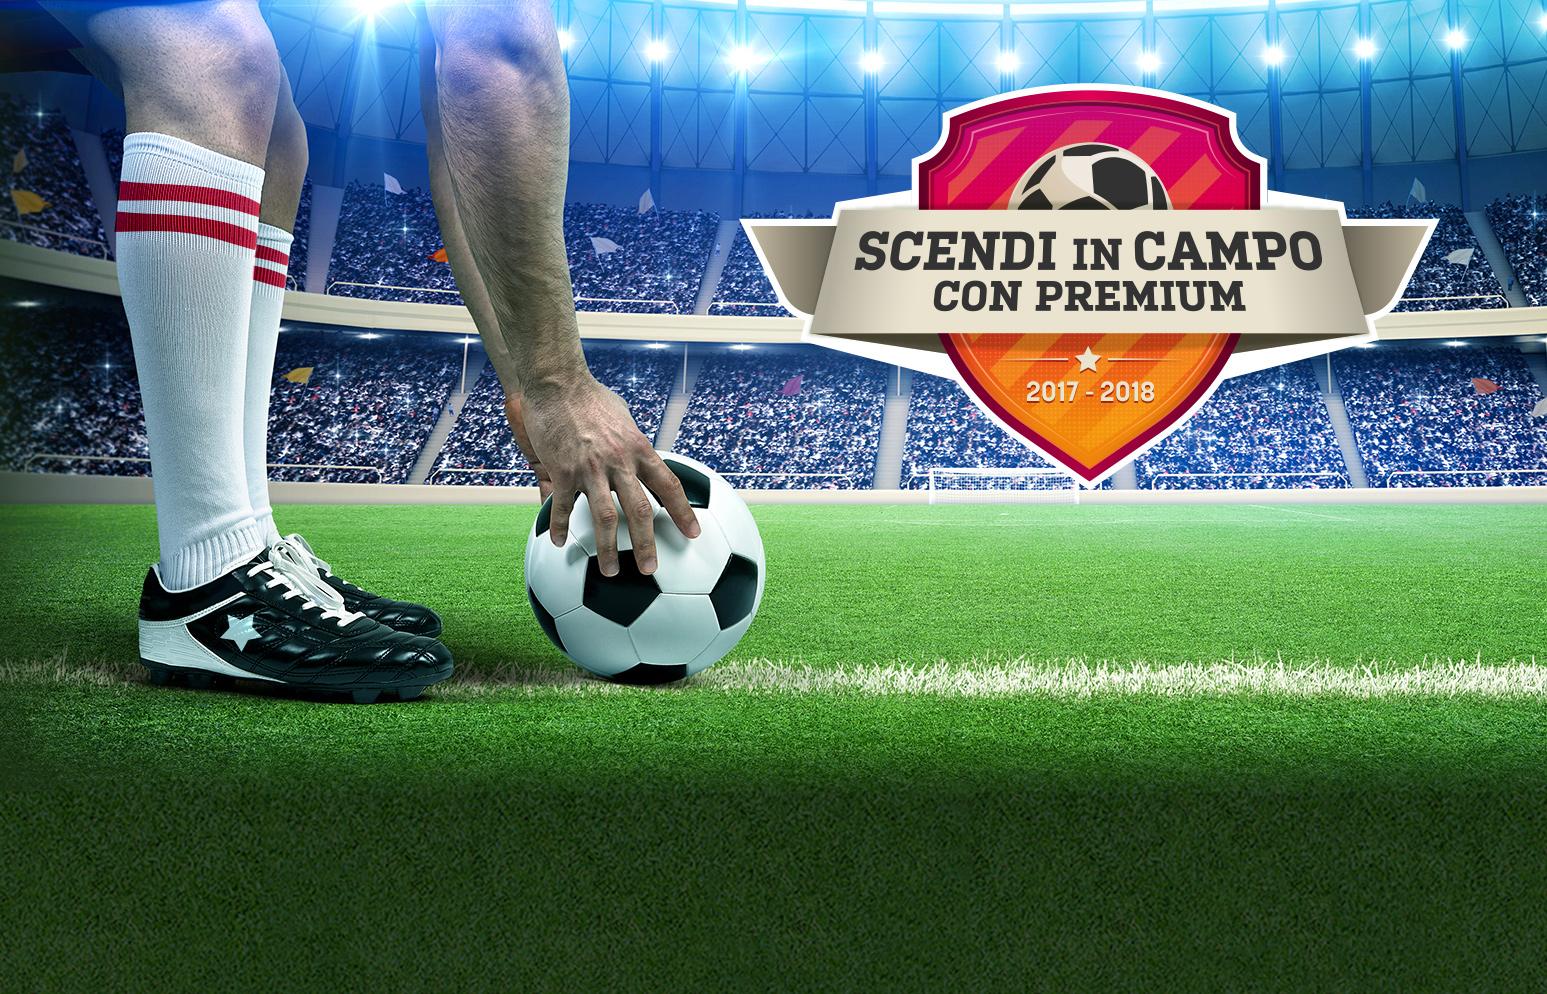 Pallone su un campo di calcio, cover del Concorso Scendi in campo con Premium